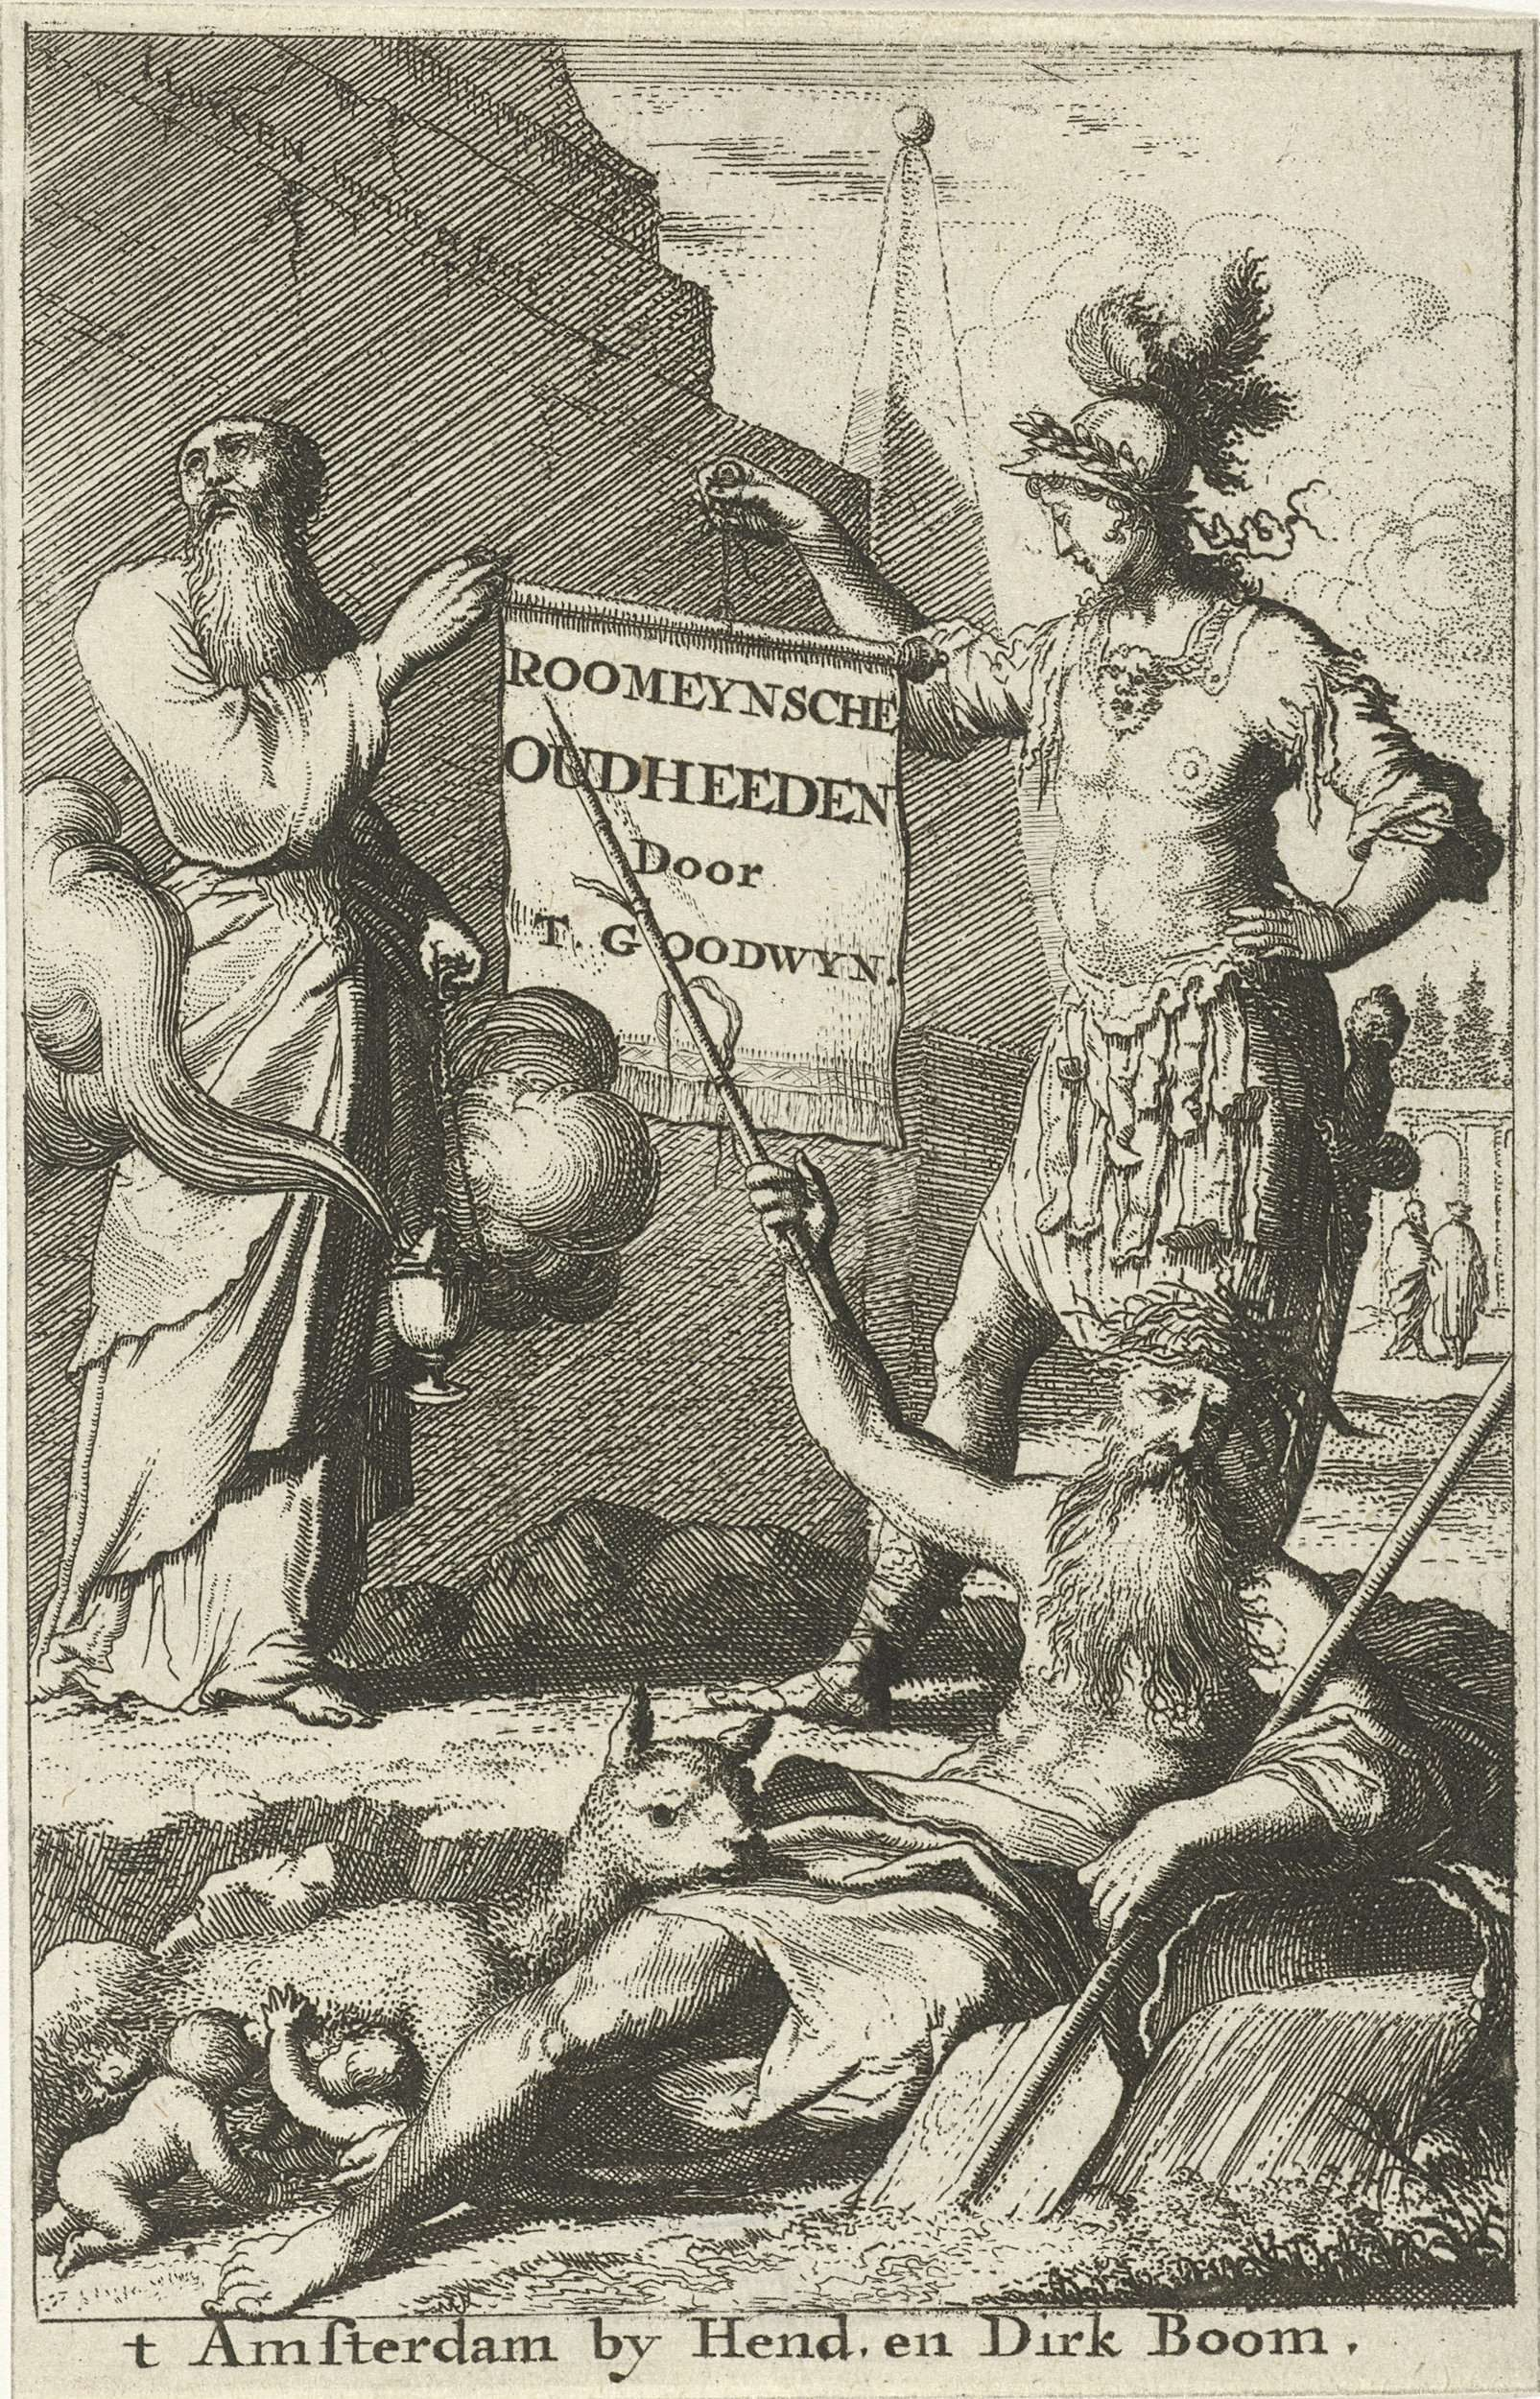 Jan Luyken | Romeinse soldaat en een priester houden samen een geopende rol vast, Jan Luyken, 1679 | Een Romeinse soldaat en een priester houden samen een geopende rol vast met de titel van het boek. Op de voorgrond ligt een riviergod, links zoogt de wolvin Romulus en Remus.